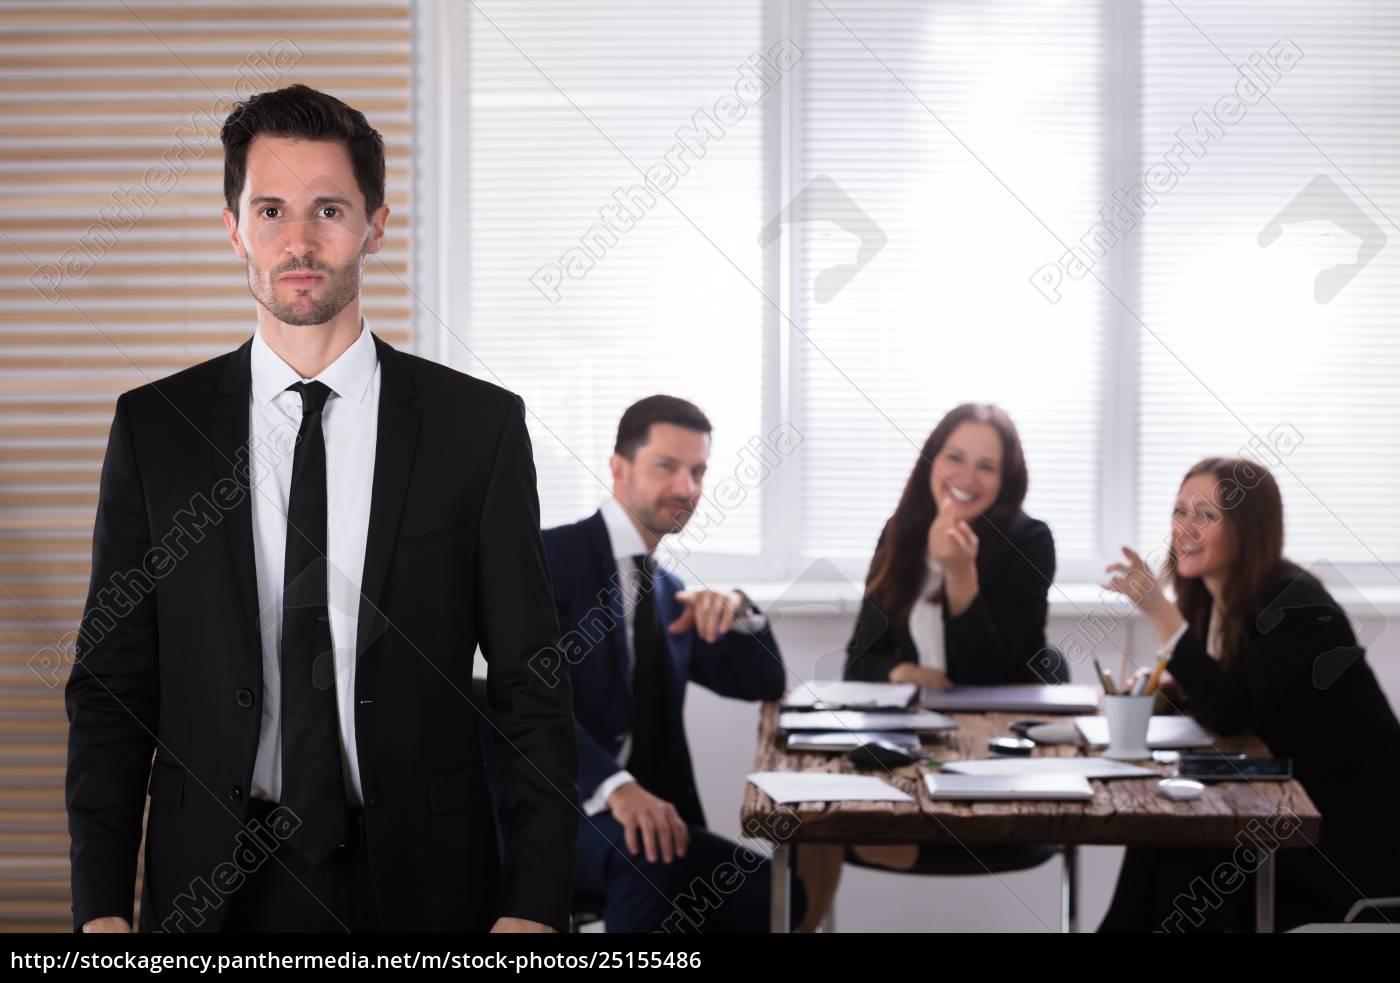 portrait, of, a, unhappy, businessman - 25155486